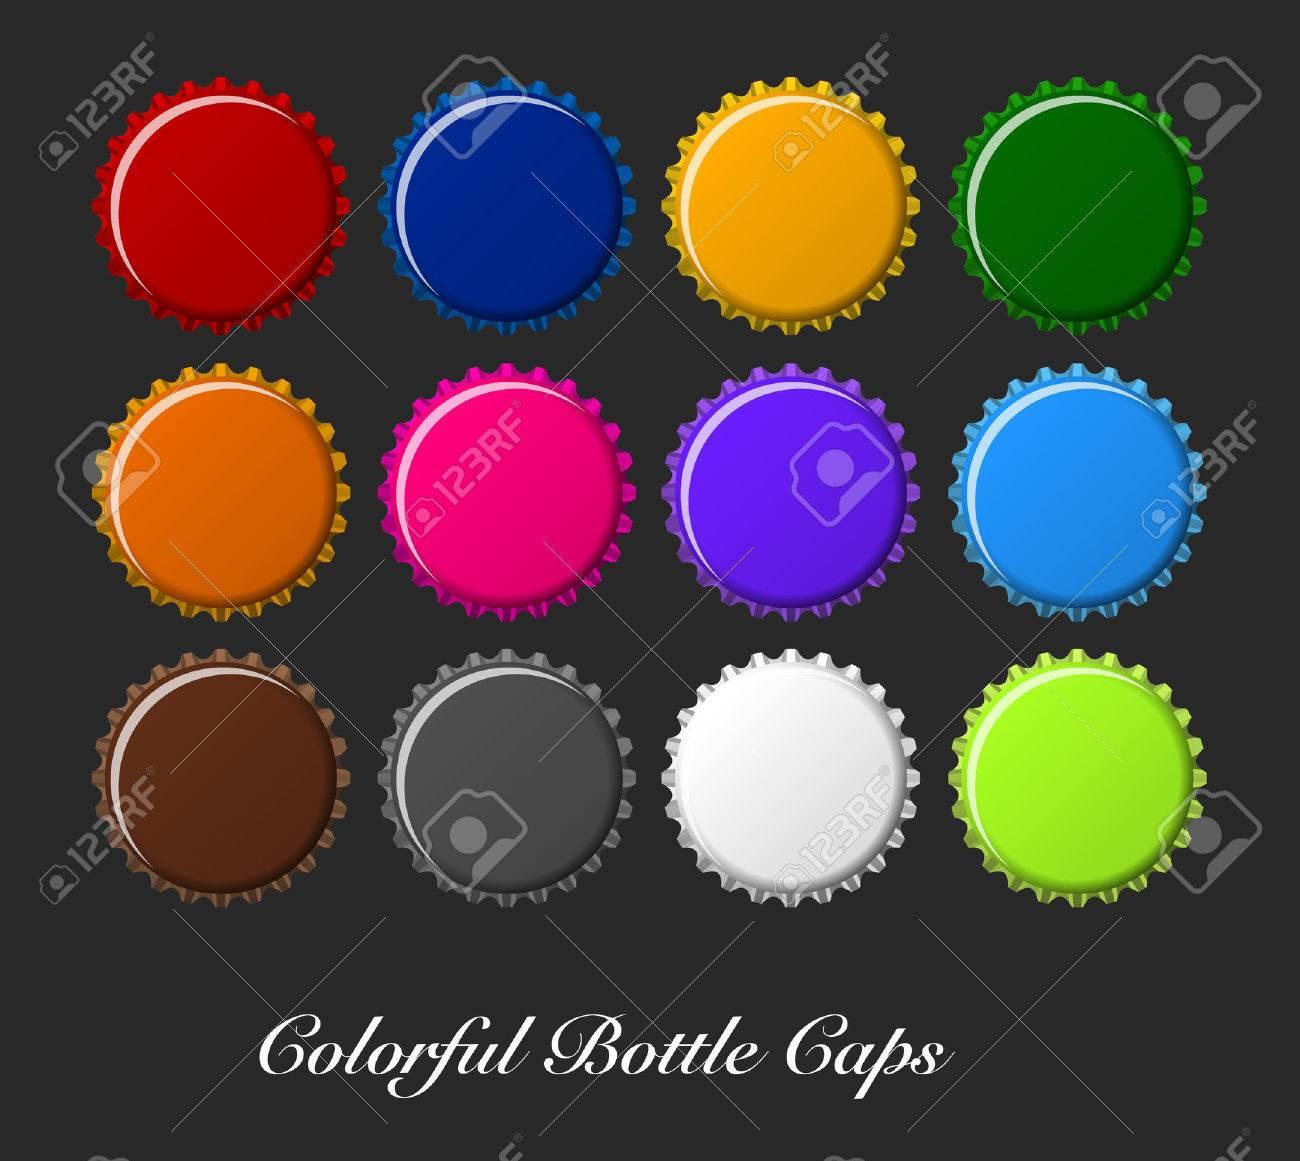 colorful bottle caps, bottle caps vector - 39496395